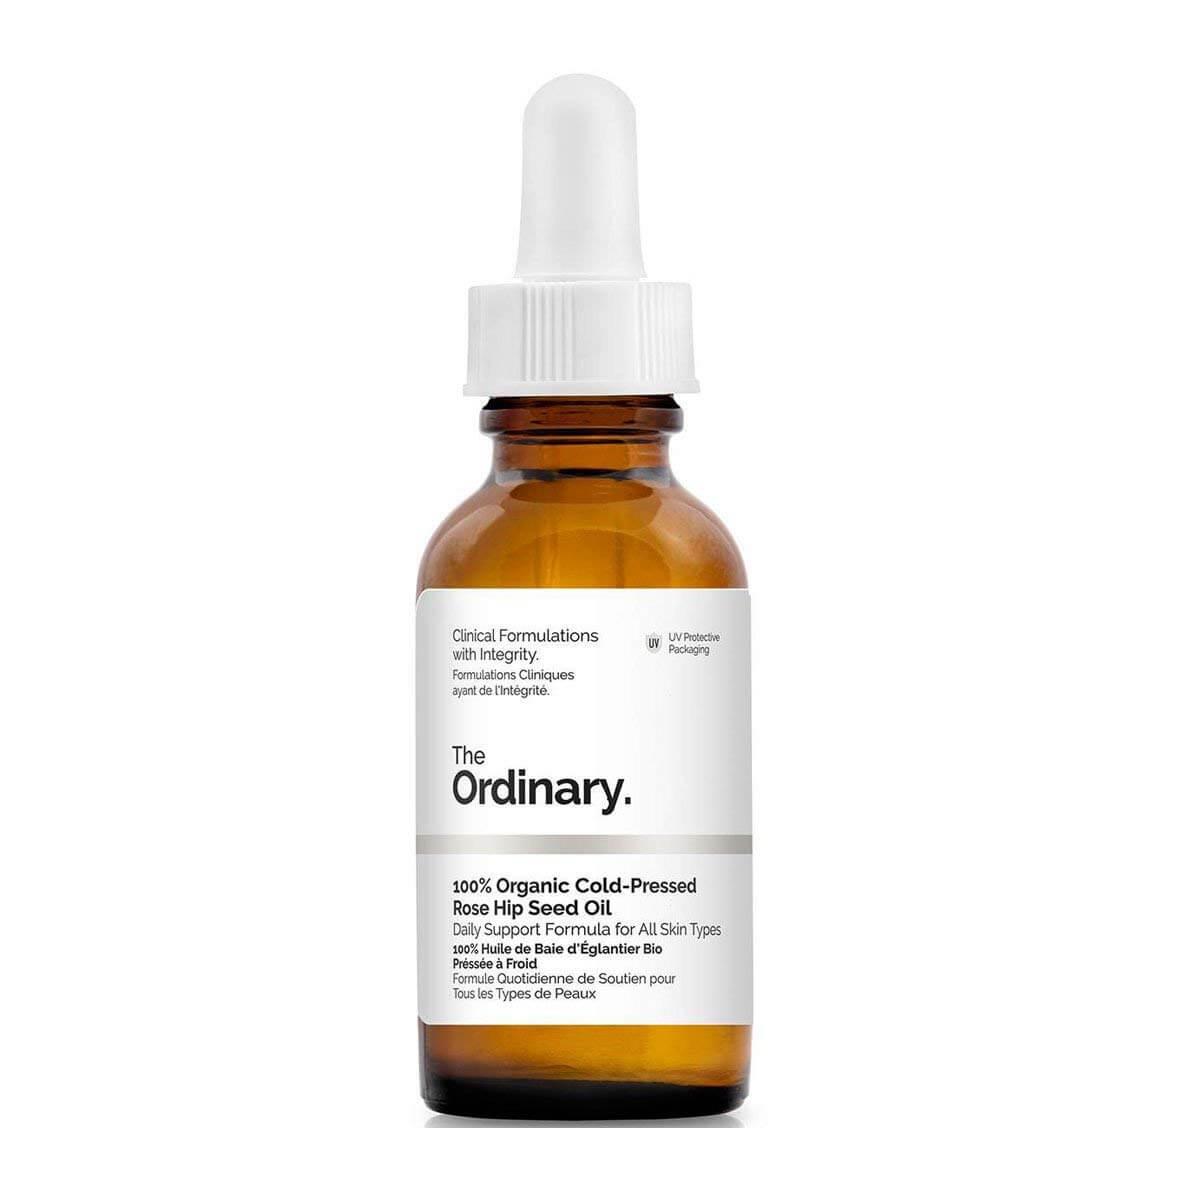 the ordinary 100% organizc rosehip oil for face